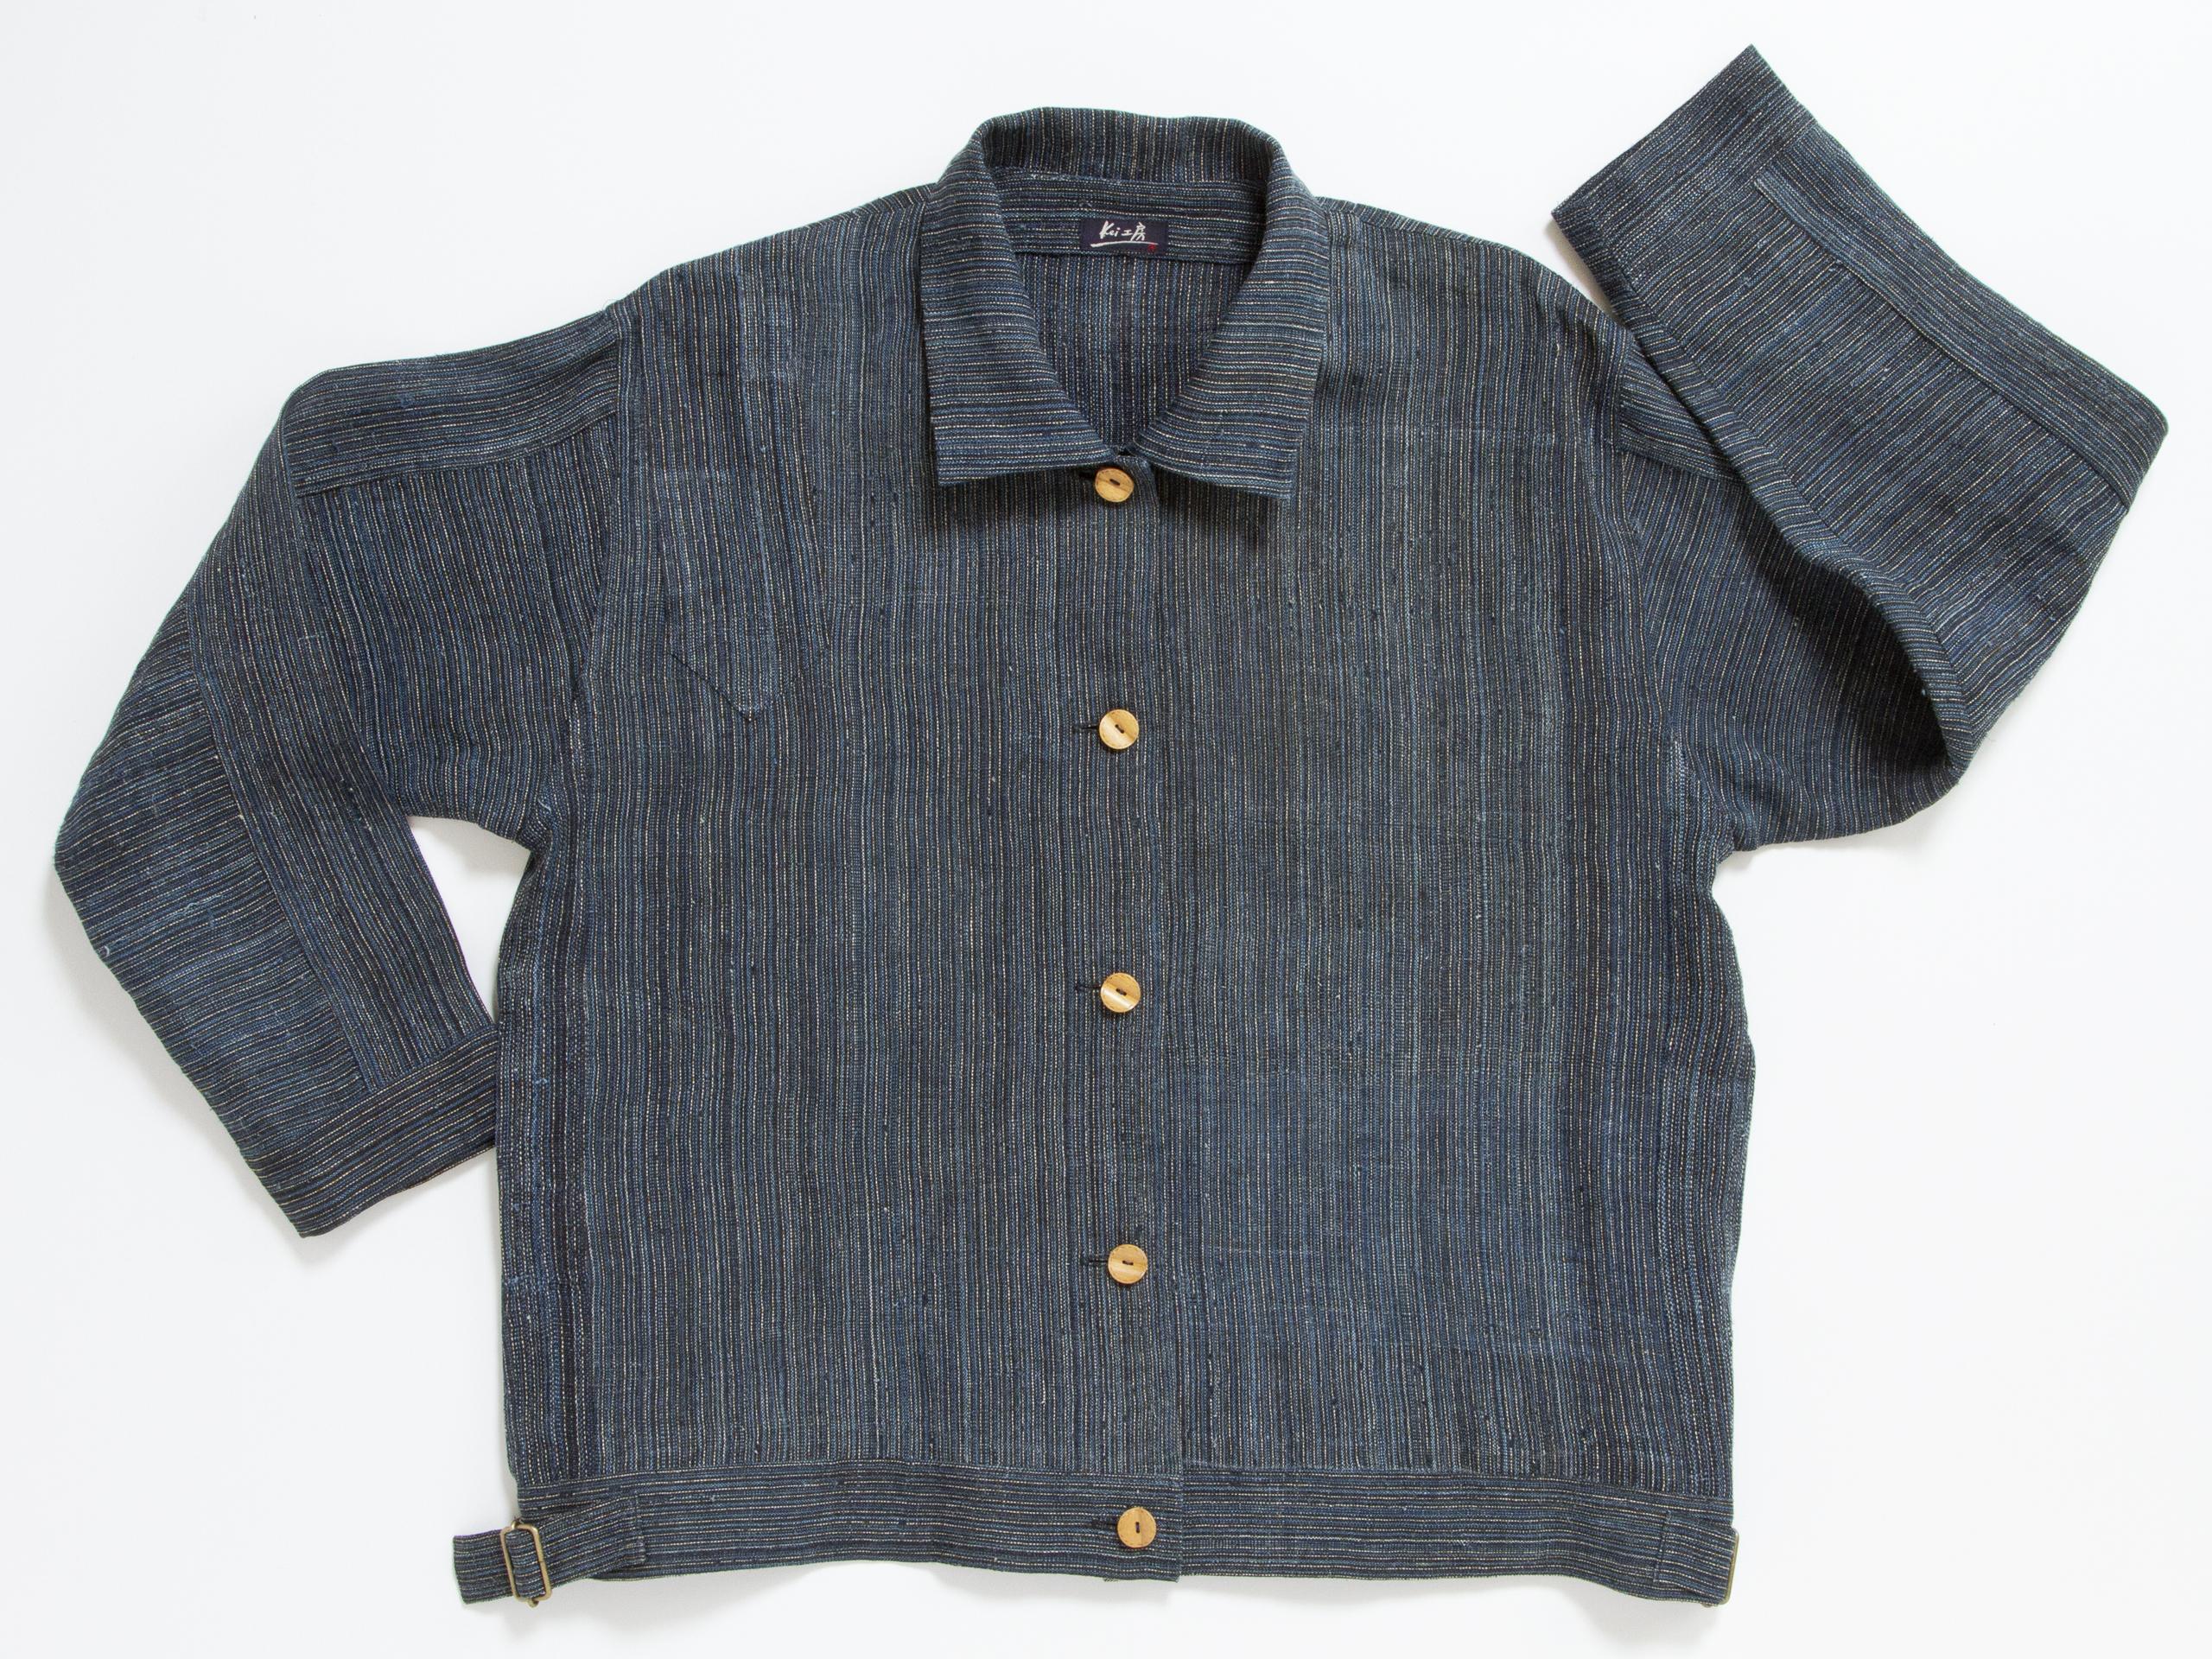 着物リメイクブログ@創業時のカナタツ商店はエッジが効いた着物リメイクをしていました(笑)